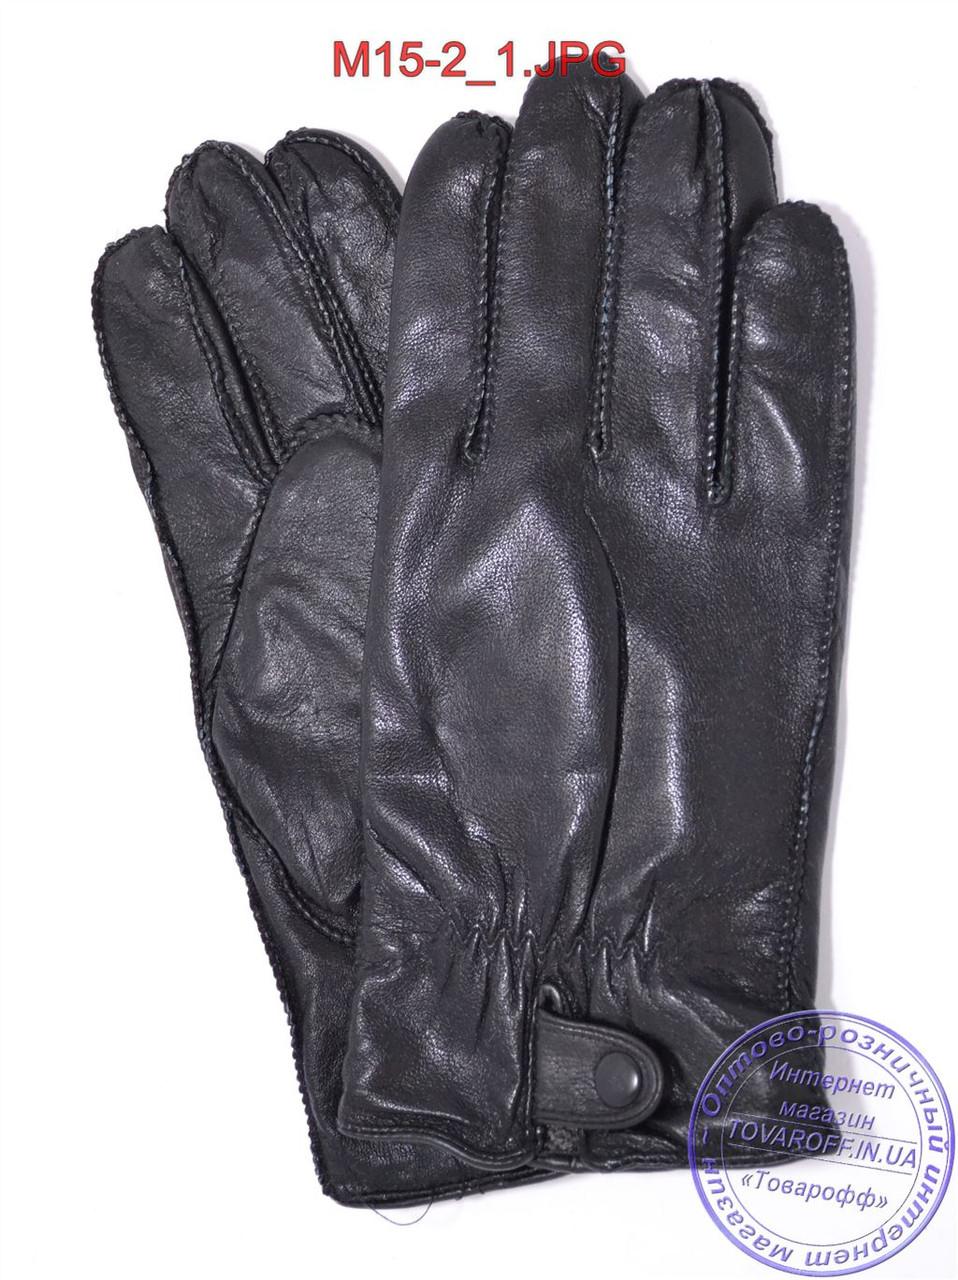 Мужские кожаные перчатки с махровой подкладкой (наружный шов) - №M15-2